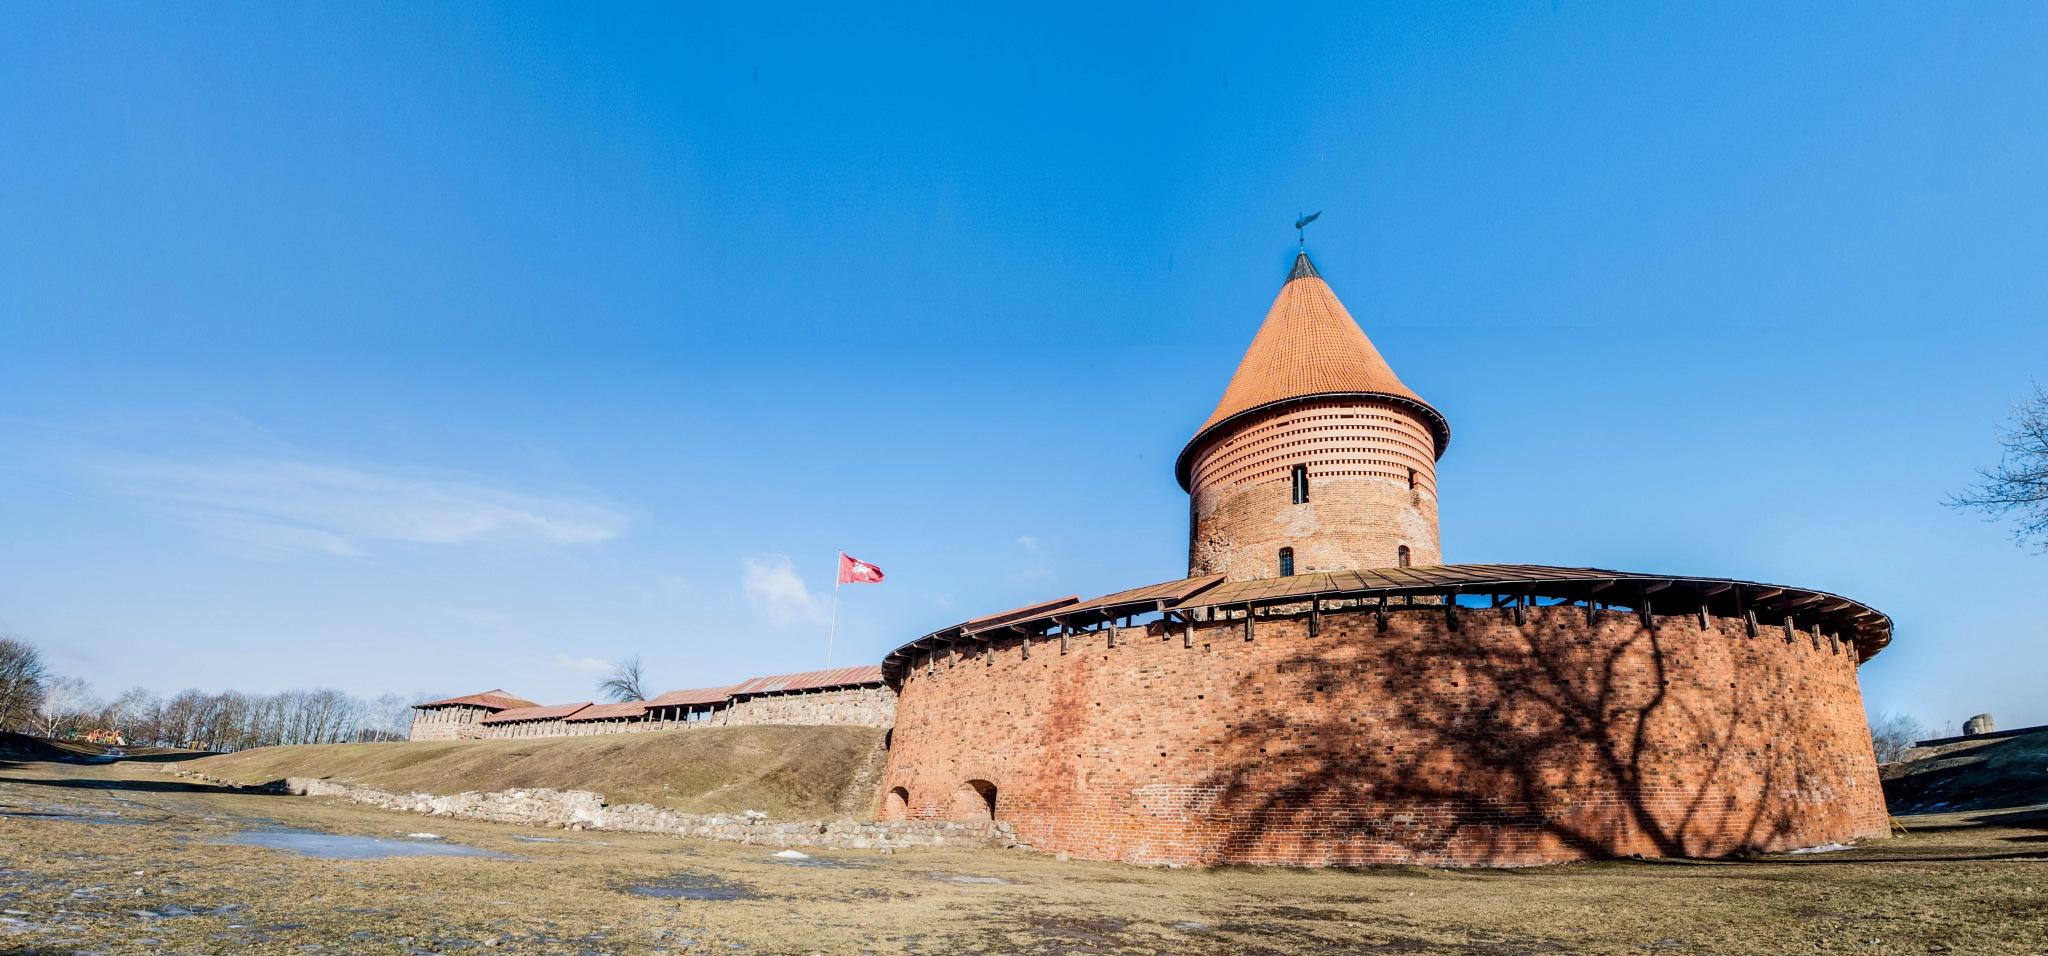 castle enormity by Vilmantas Raupelis